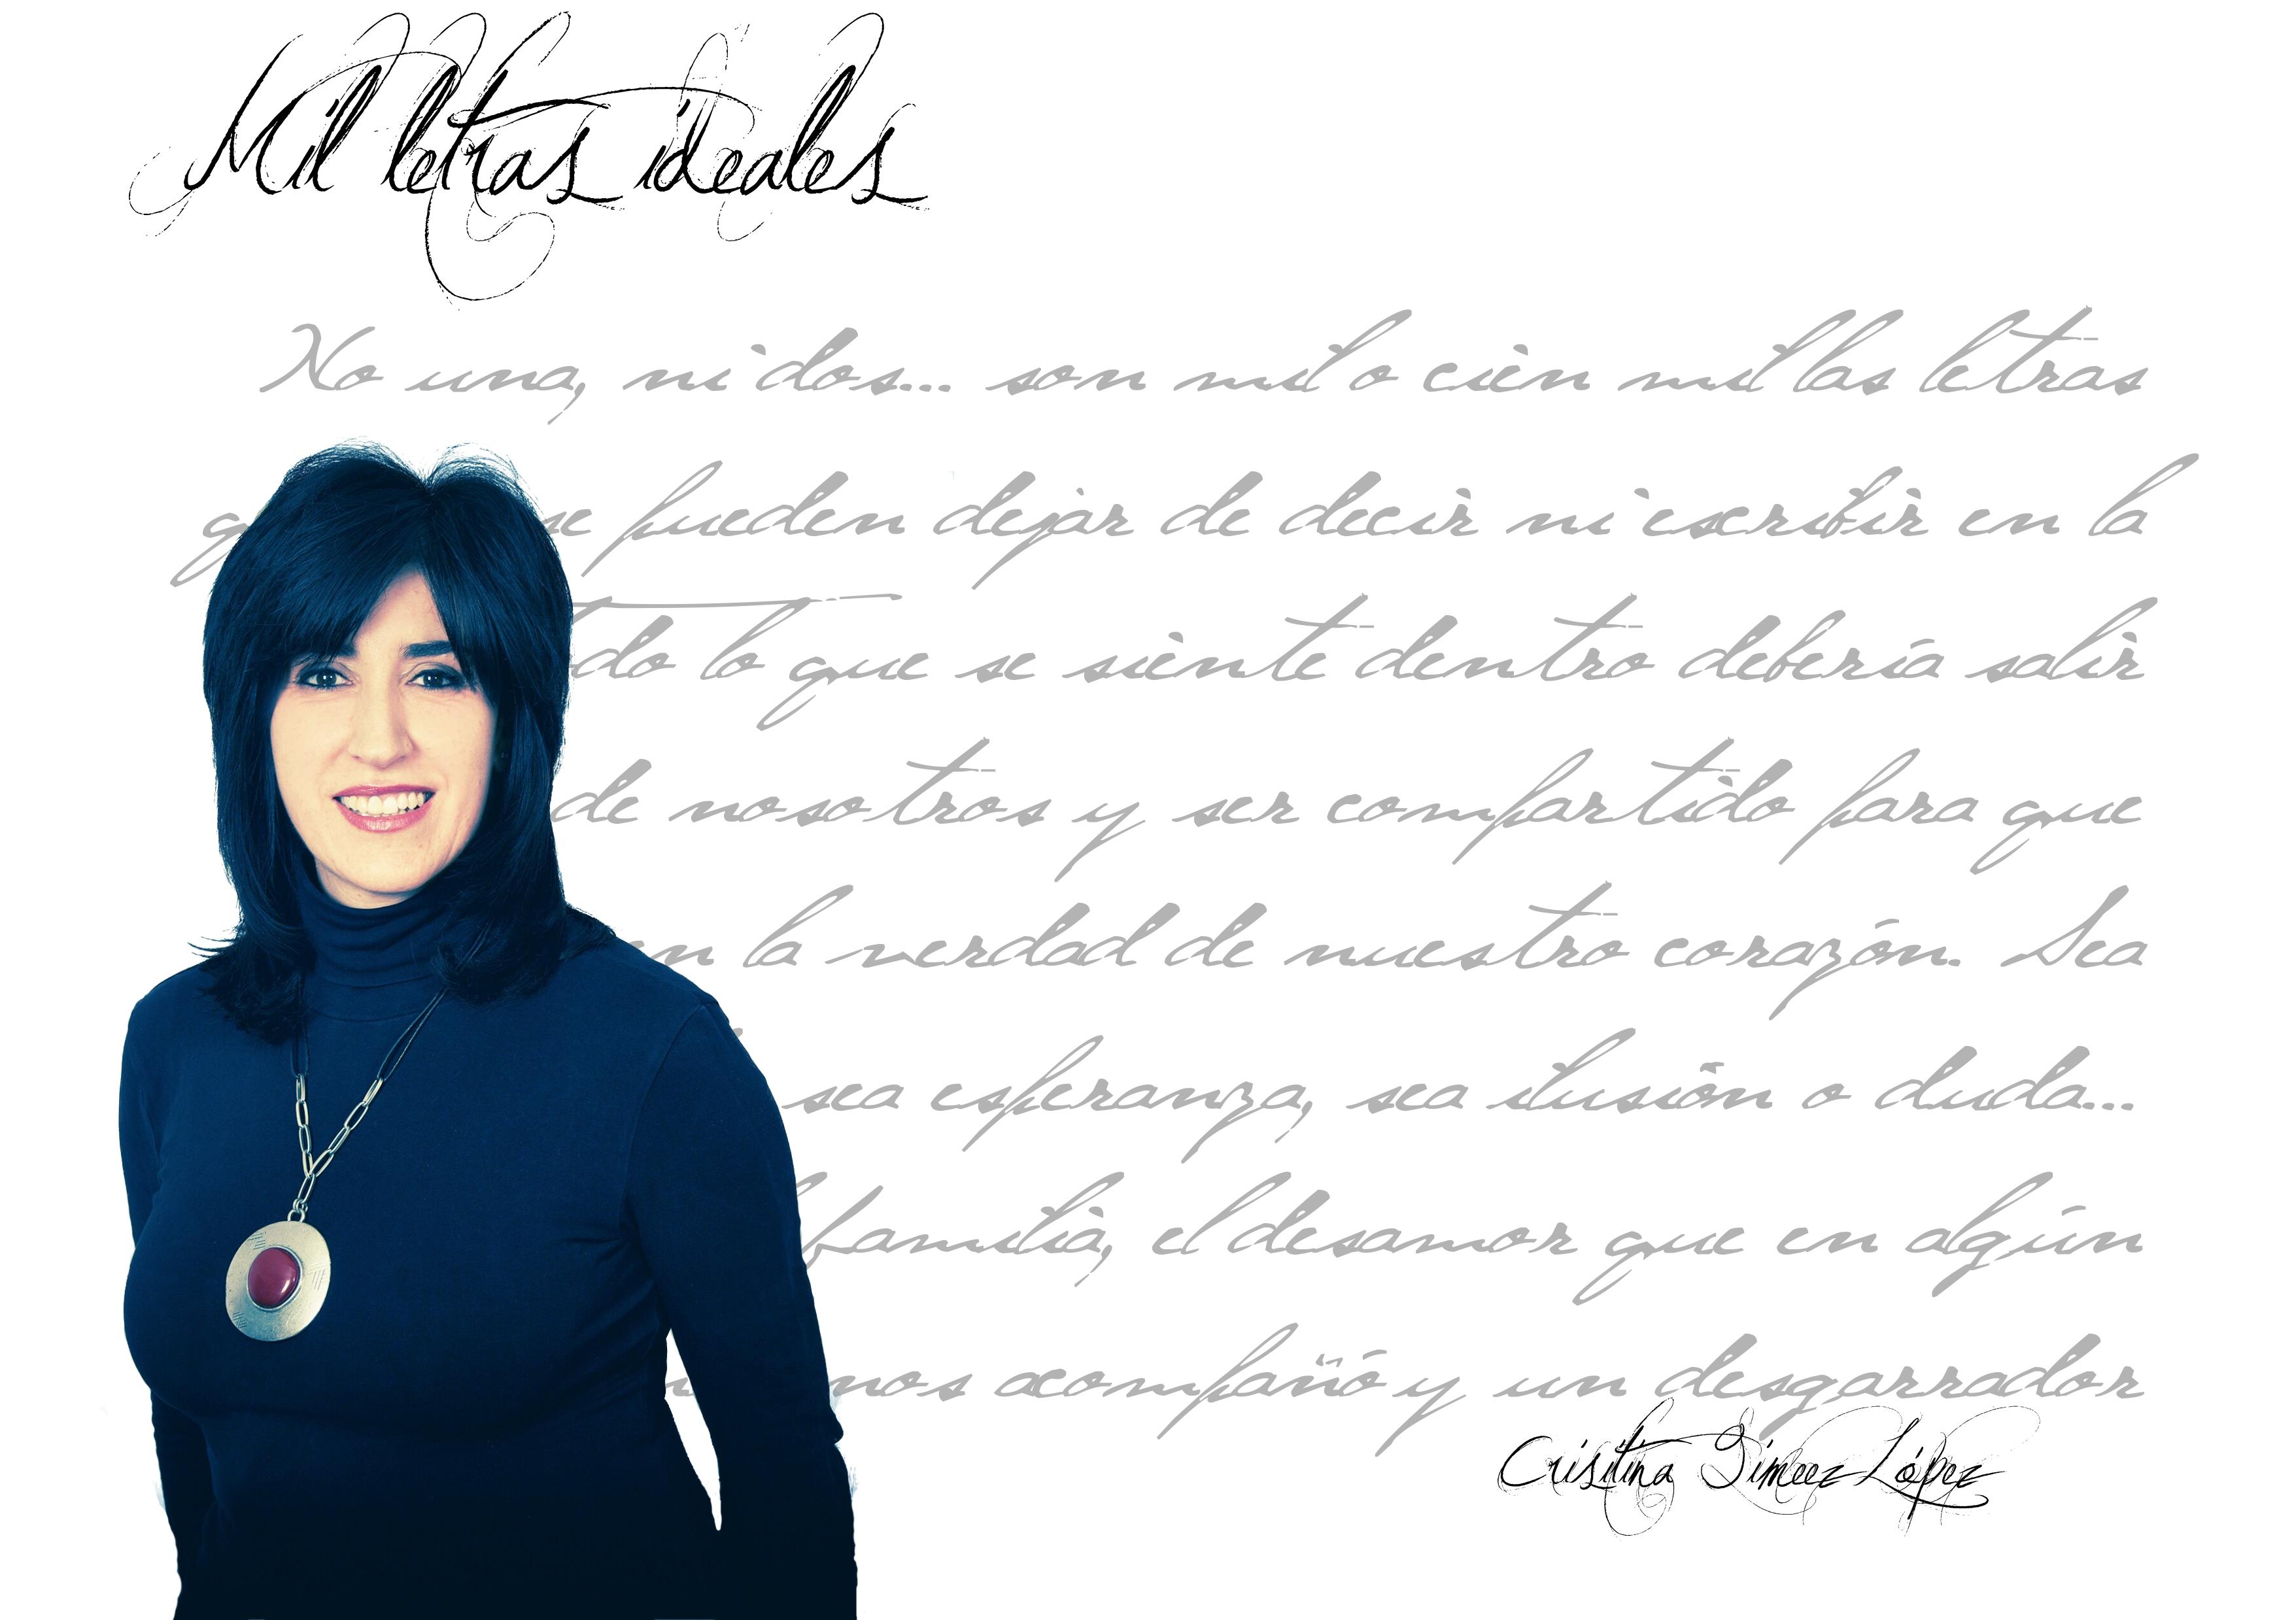 """Photo ofCristina Giménez López cristina giménez lópez Cristina Giménez López: """"Una letra más otra son lo que decimos y lo que somos"""". FichaAutorCrisitinaGimenezLopez"""